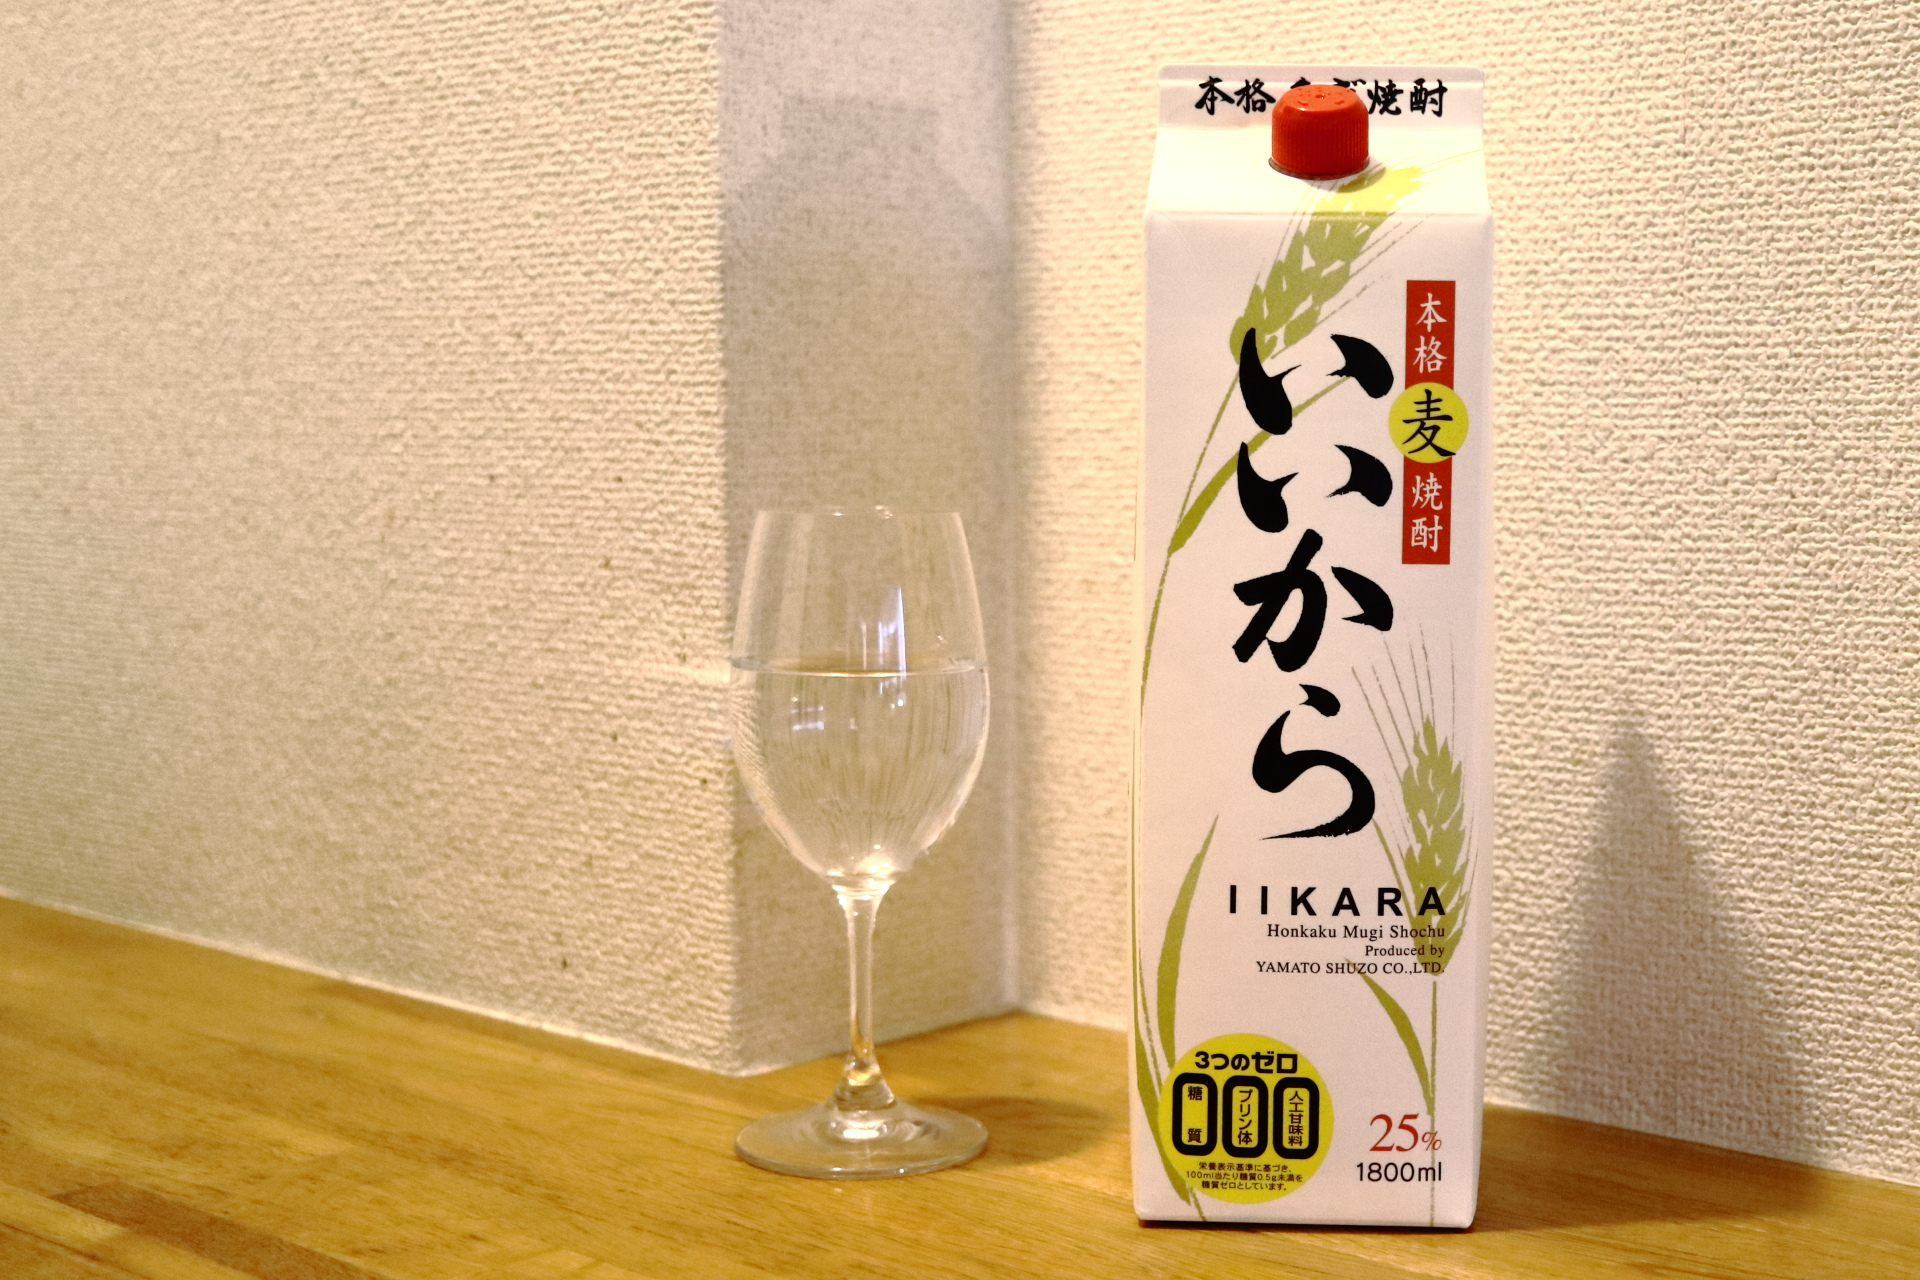 熊本県上益城郡・山都酒造の本格麦焼酎「いいから」